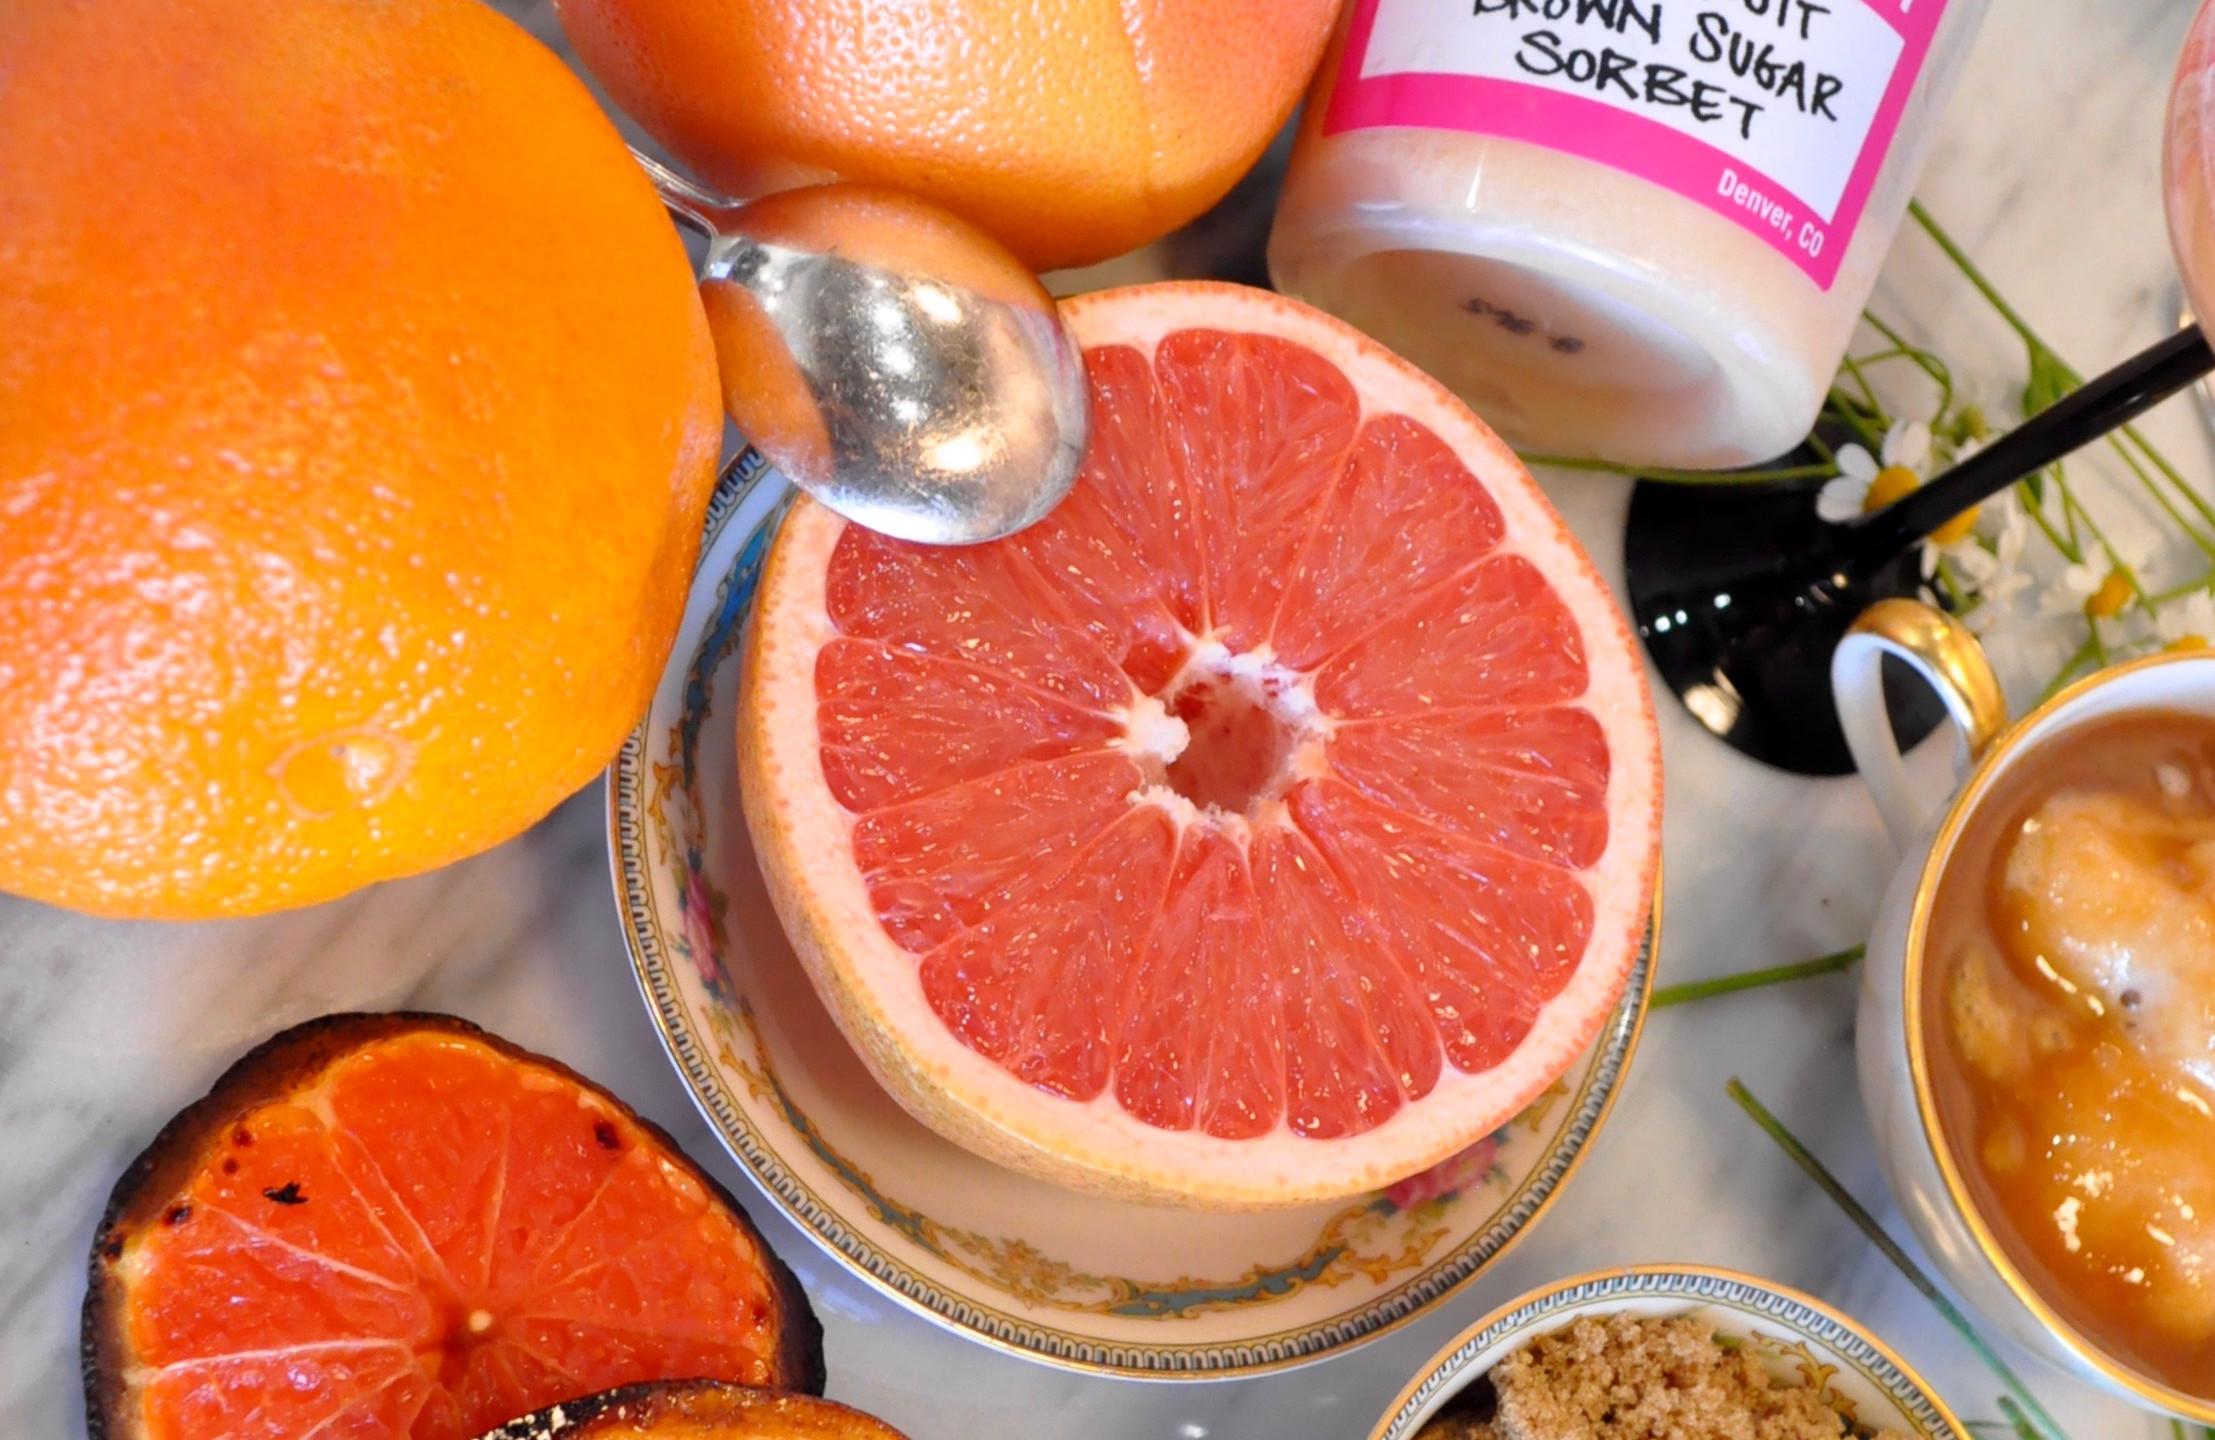 Grapefruit Brown Sugar Sorbet